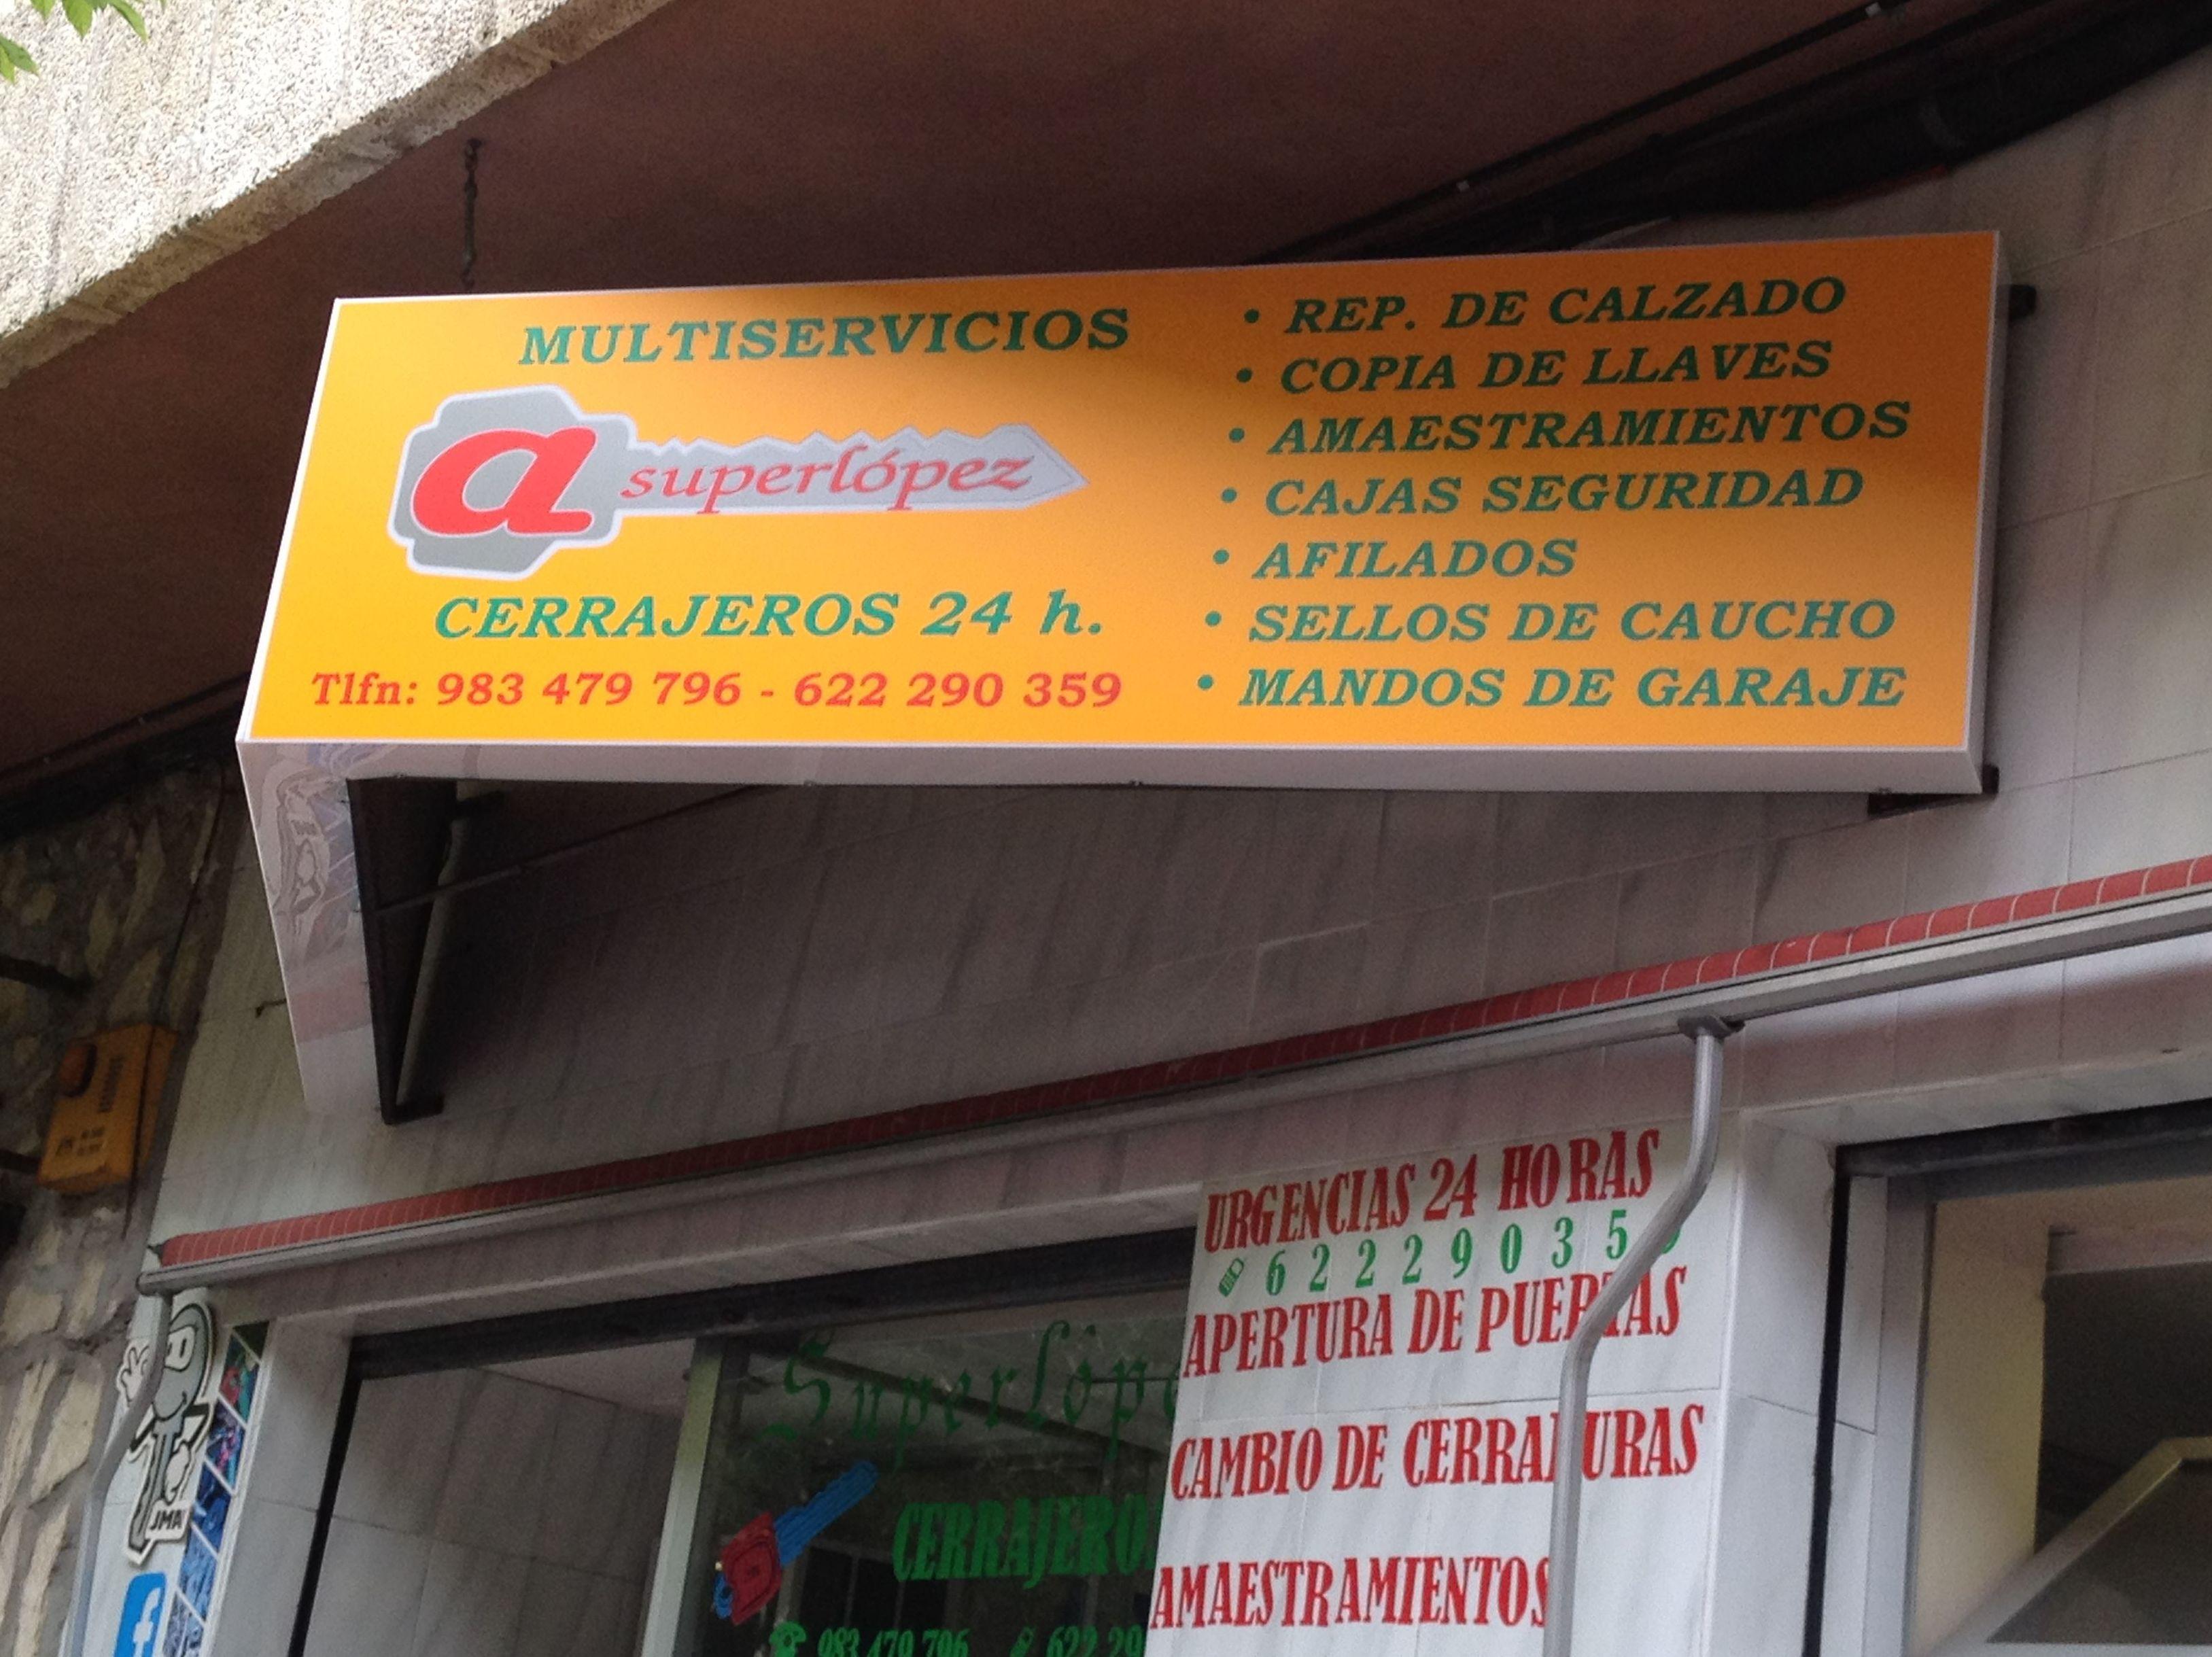 Cerrajeros 24 horas en Valladolid